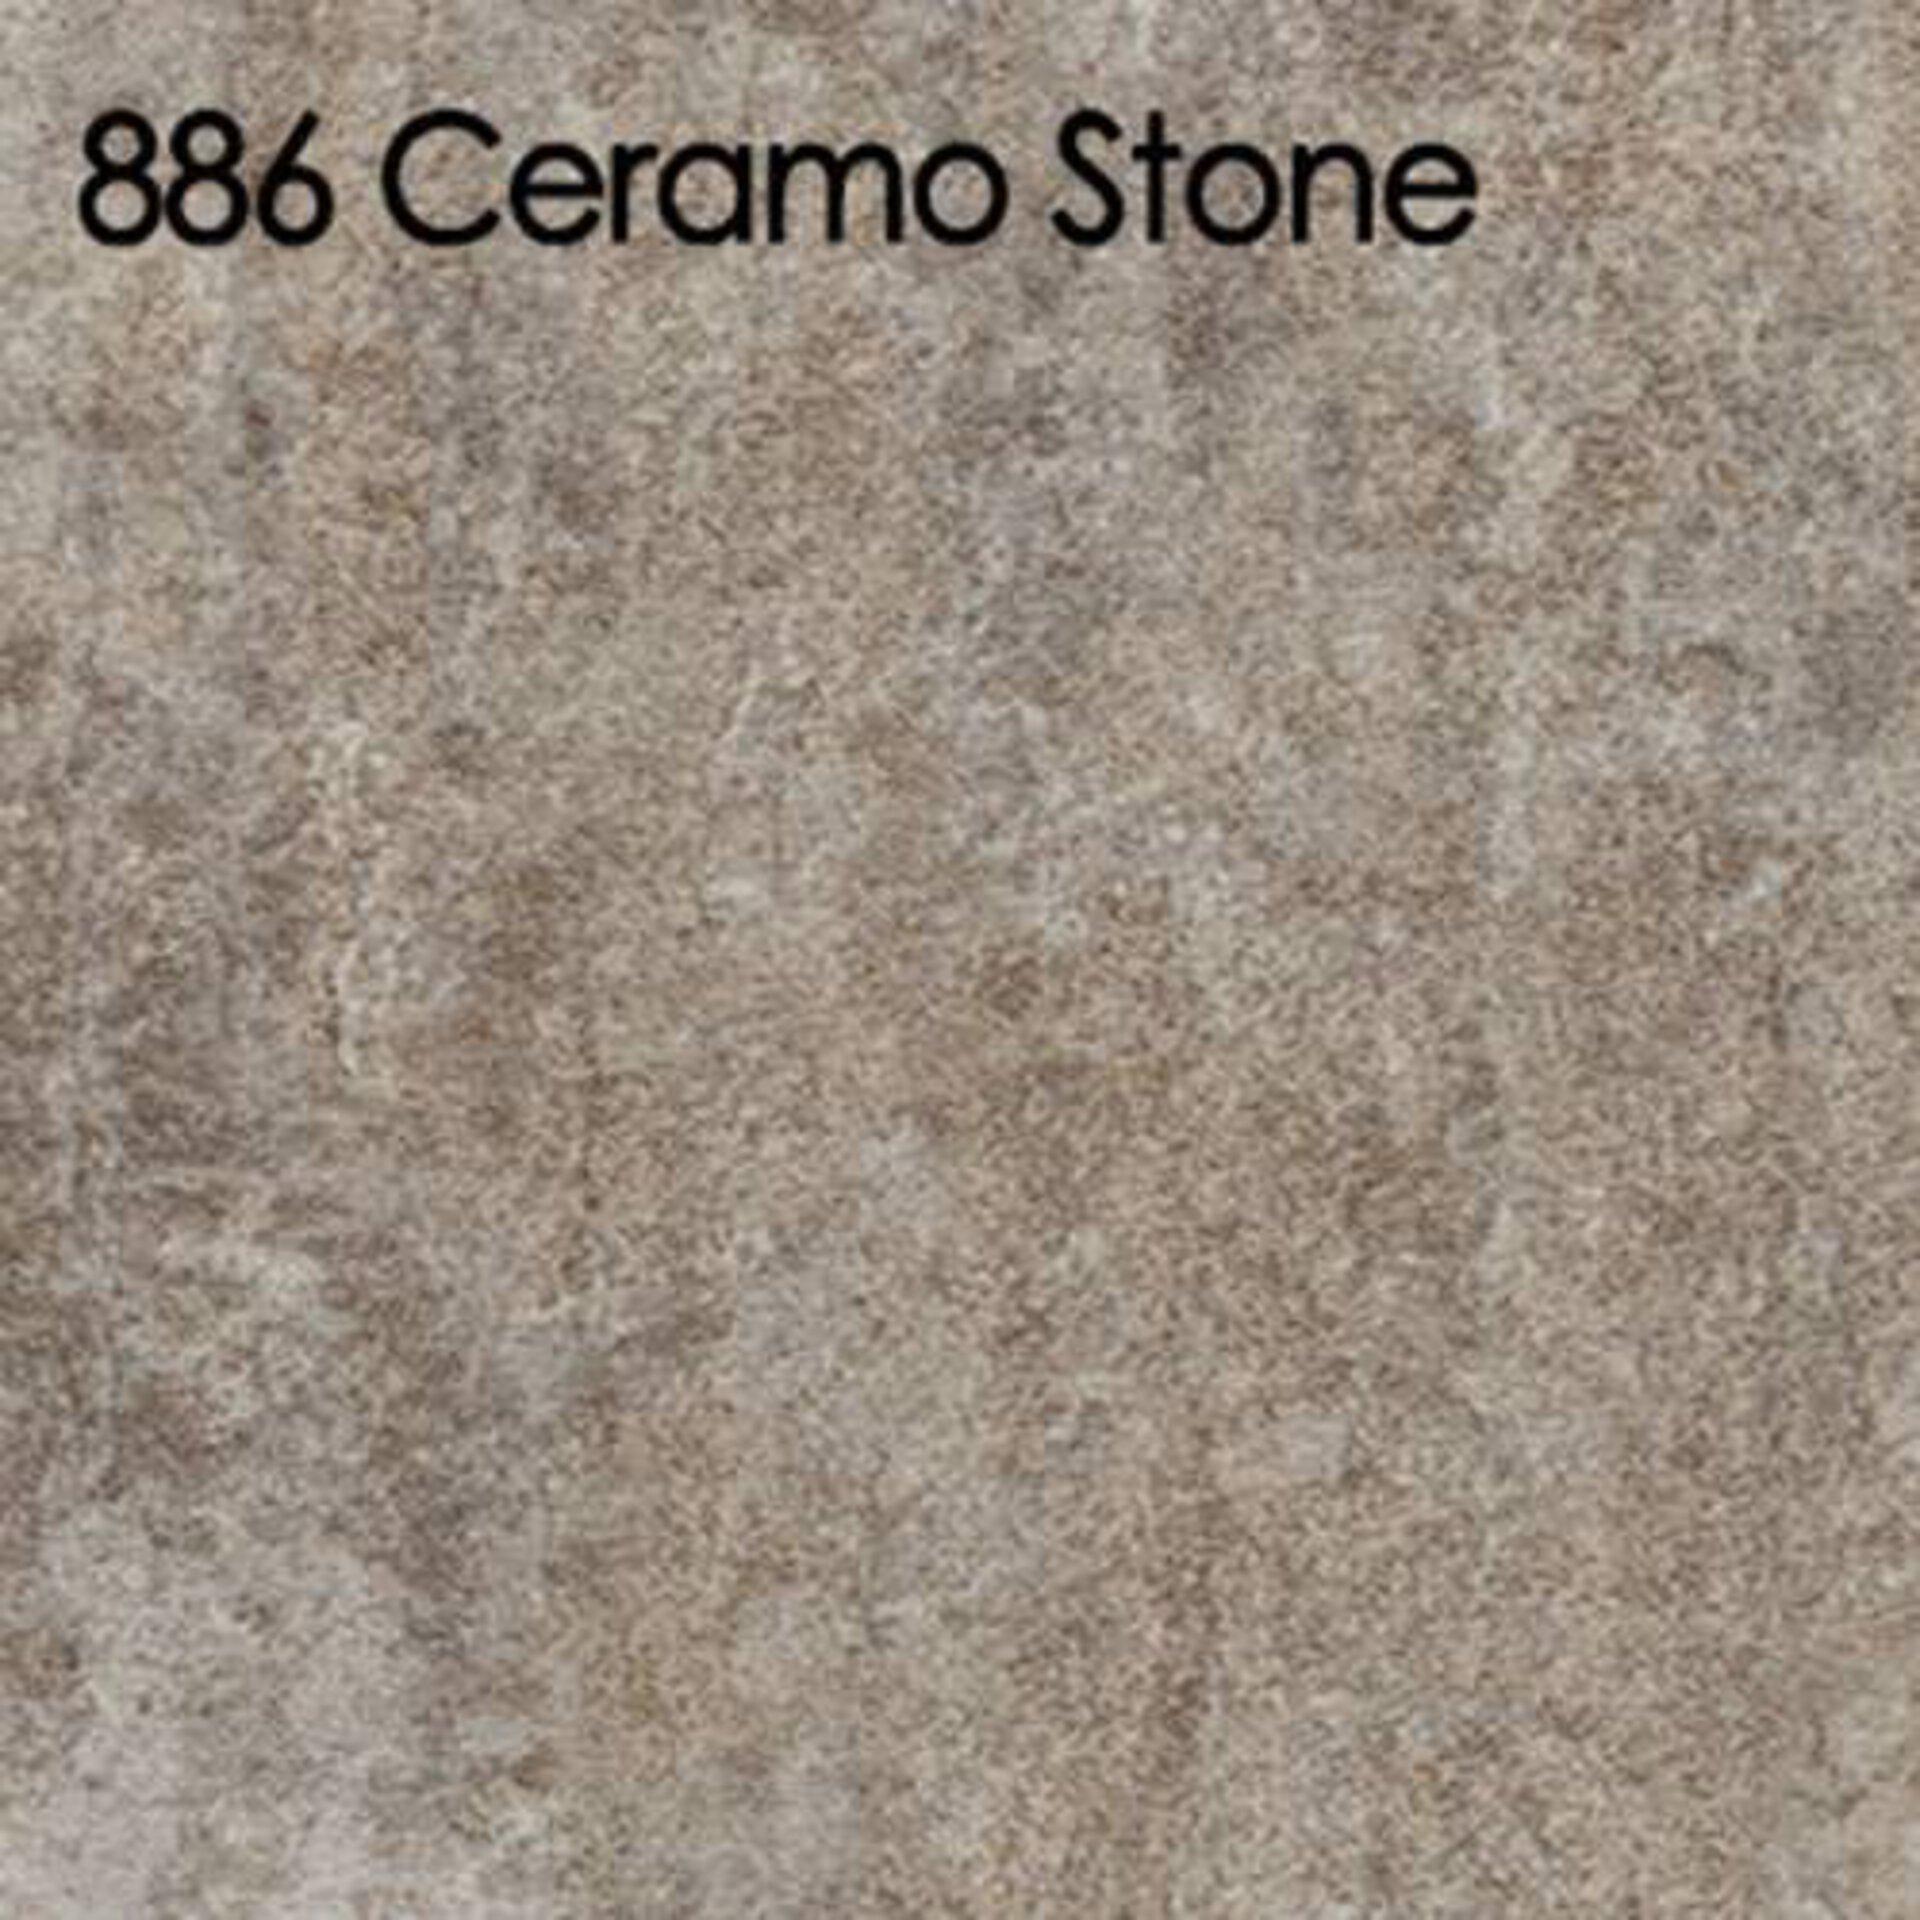 Arbeitsplatte aus Laminat in der cremigen Steinoptik Ceramo Stone